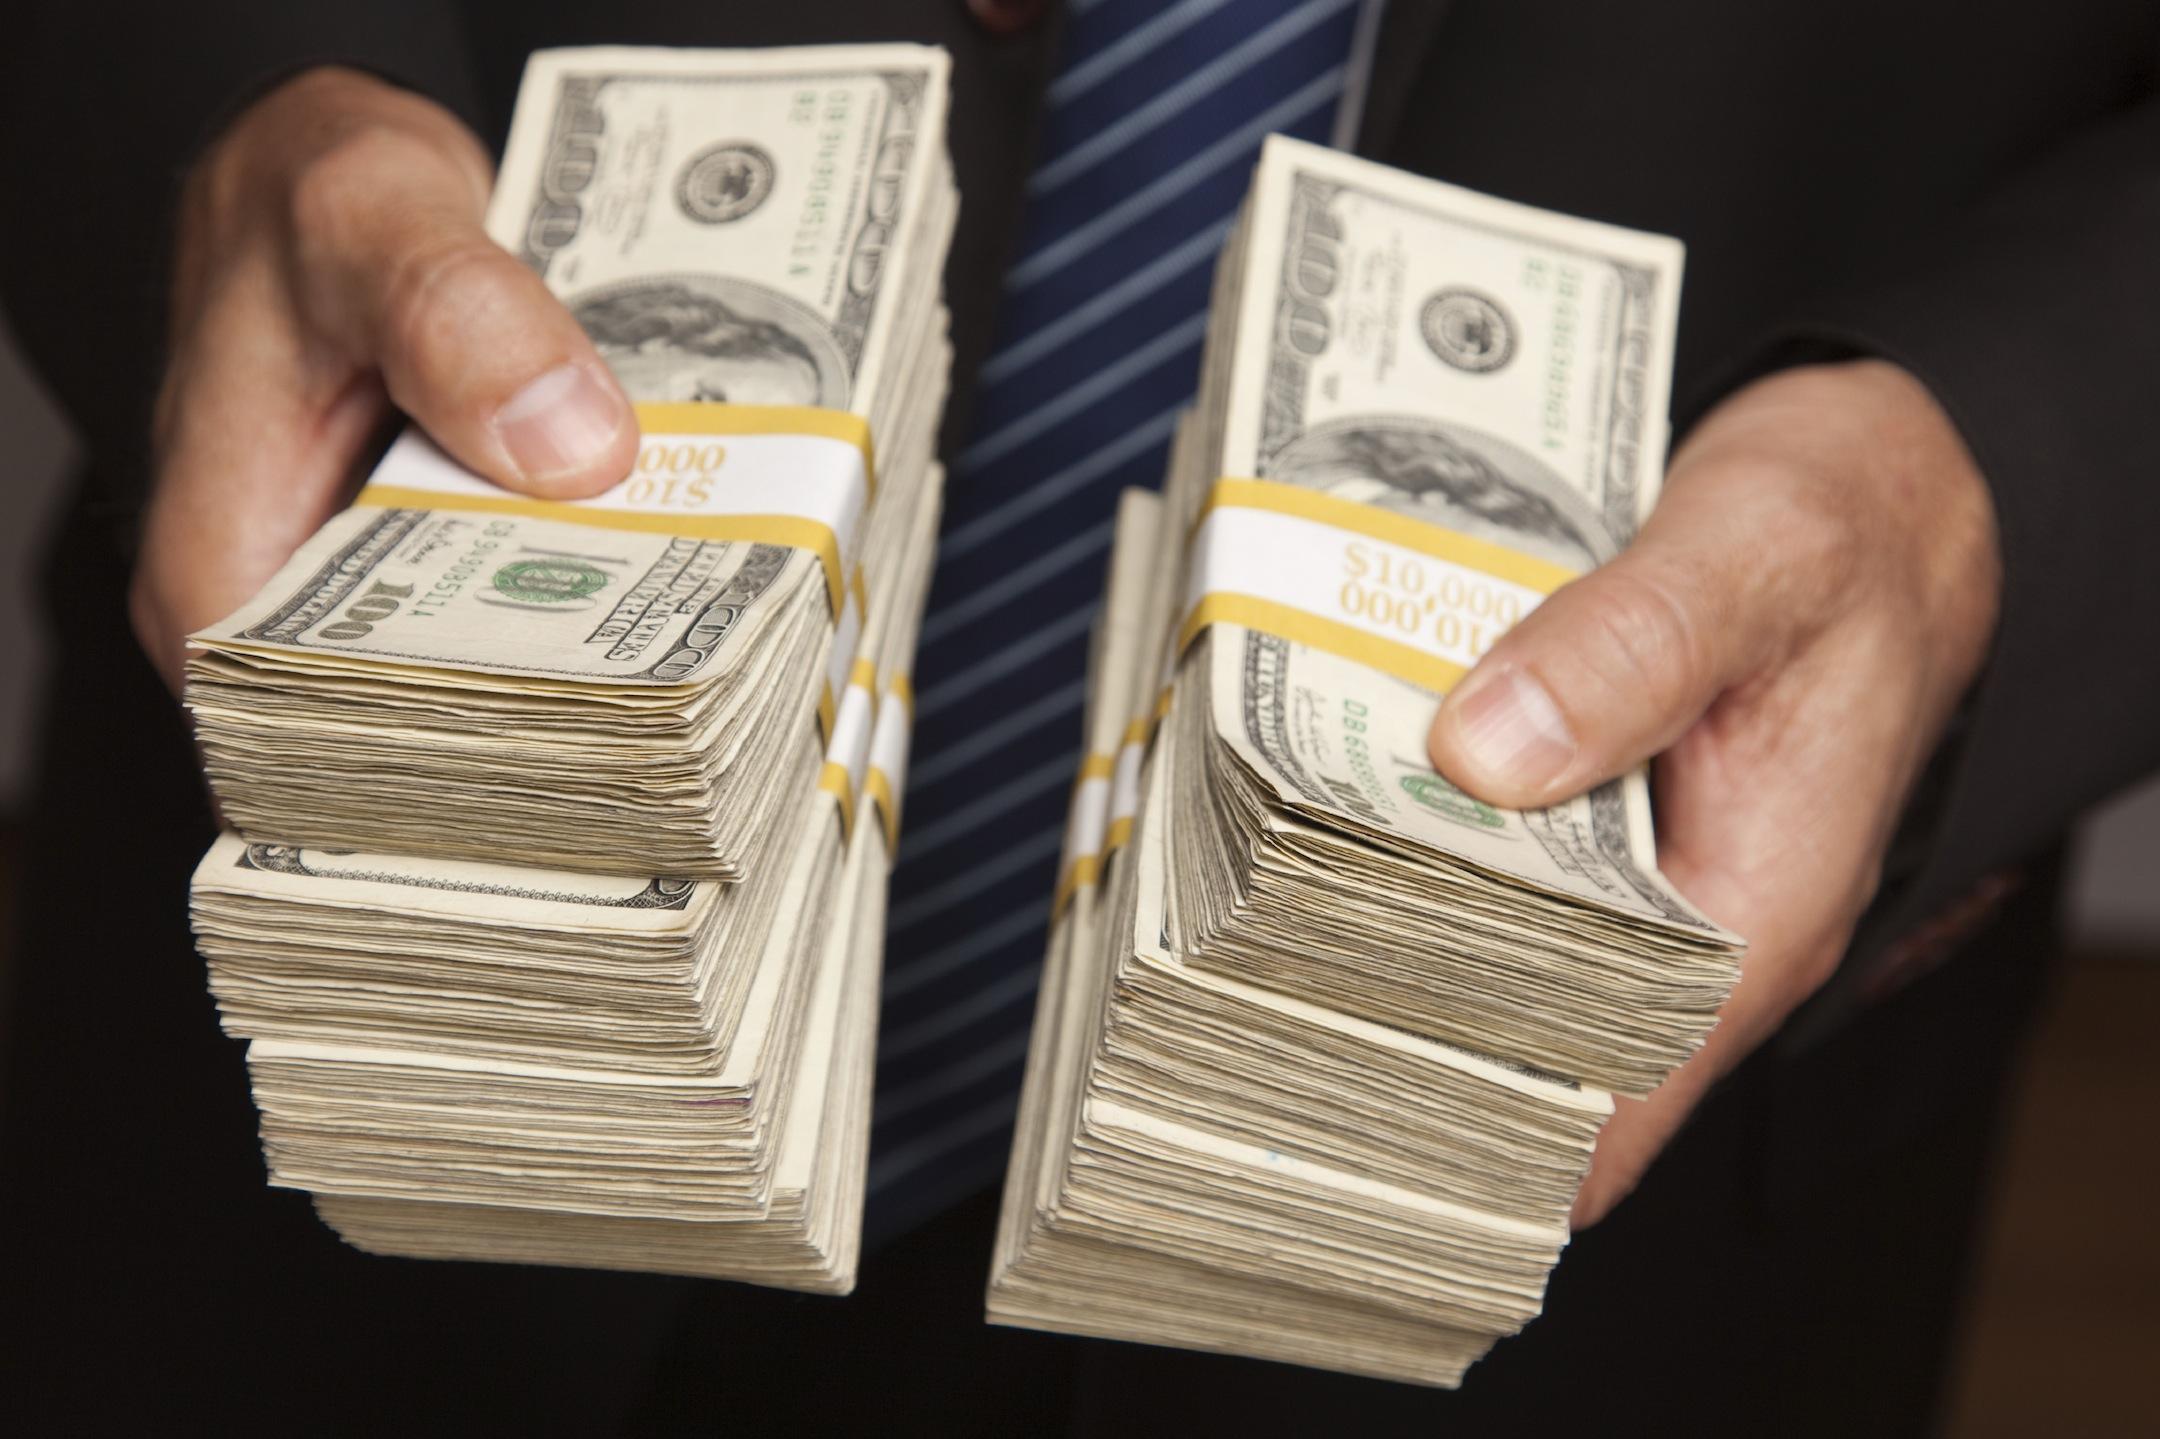 zdroj: https://s3-us-west-1.amazonaws.com/odesk-blog/uploads/2013/10/show-me-money.jpg